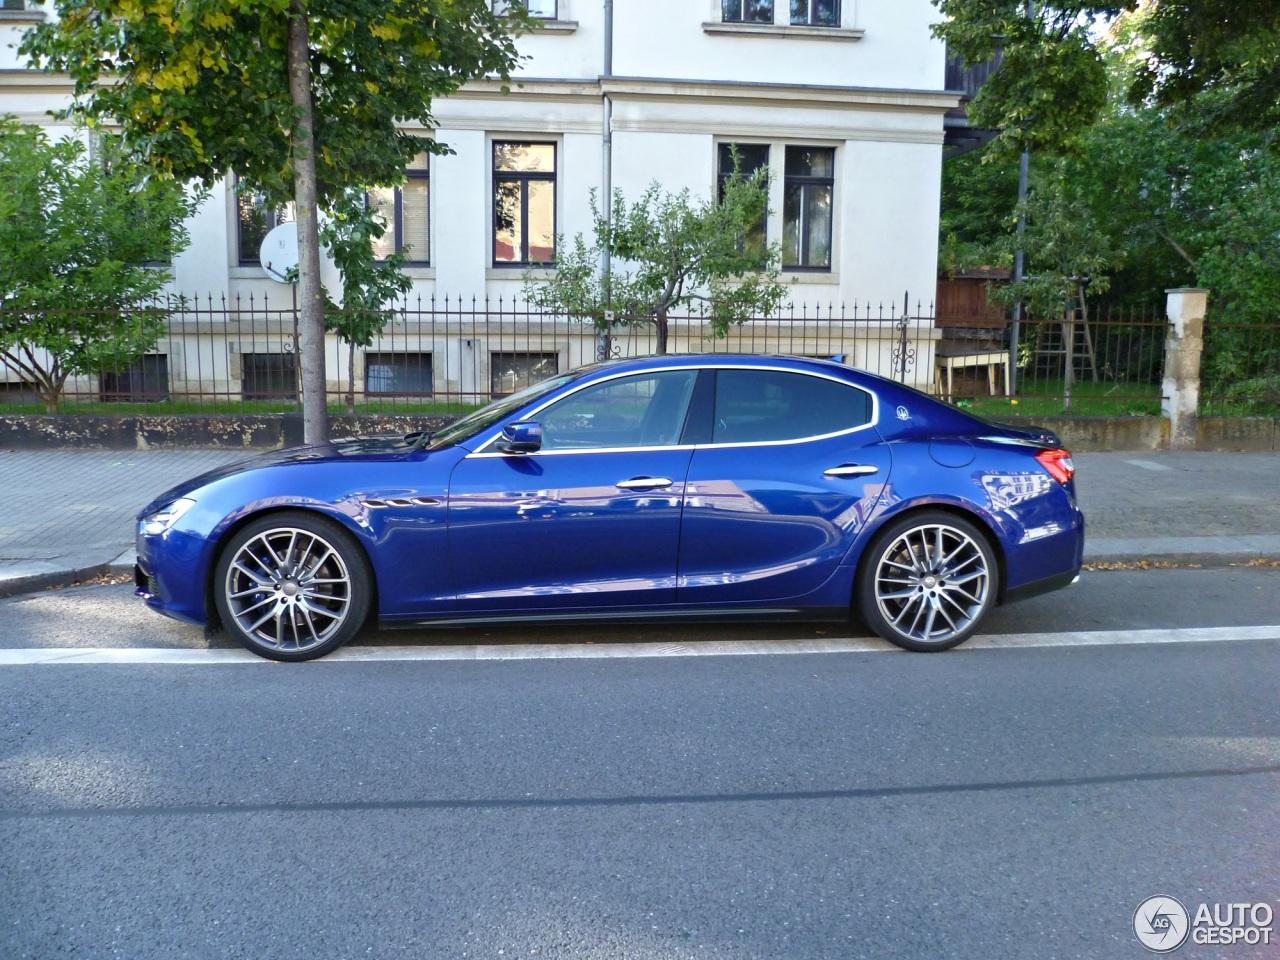 Maserati Ghibli 2013 26 Oktober 2015 Autogespot